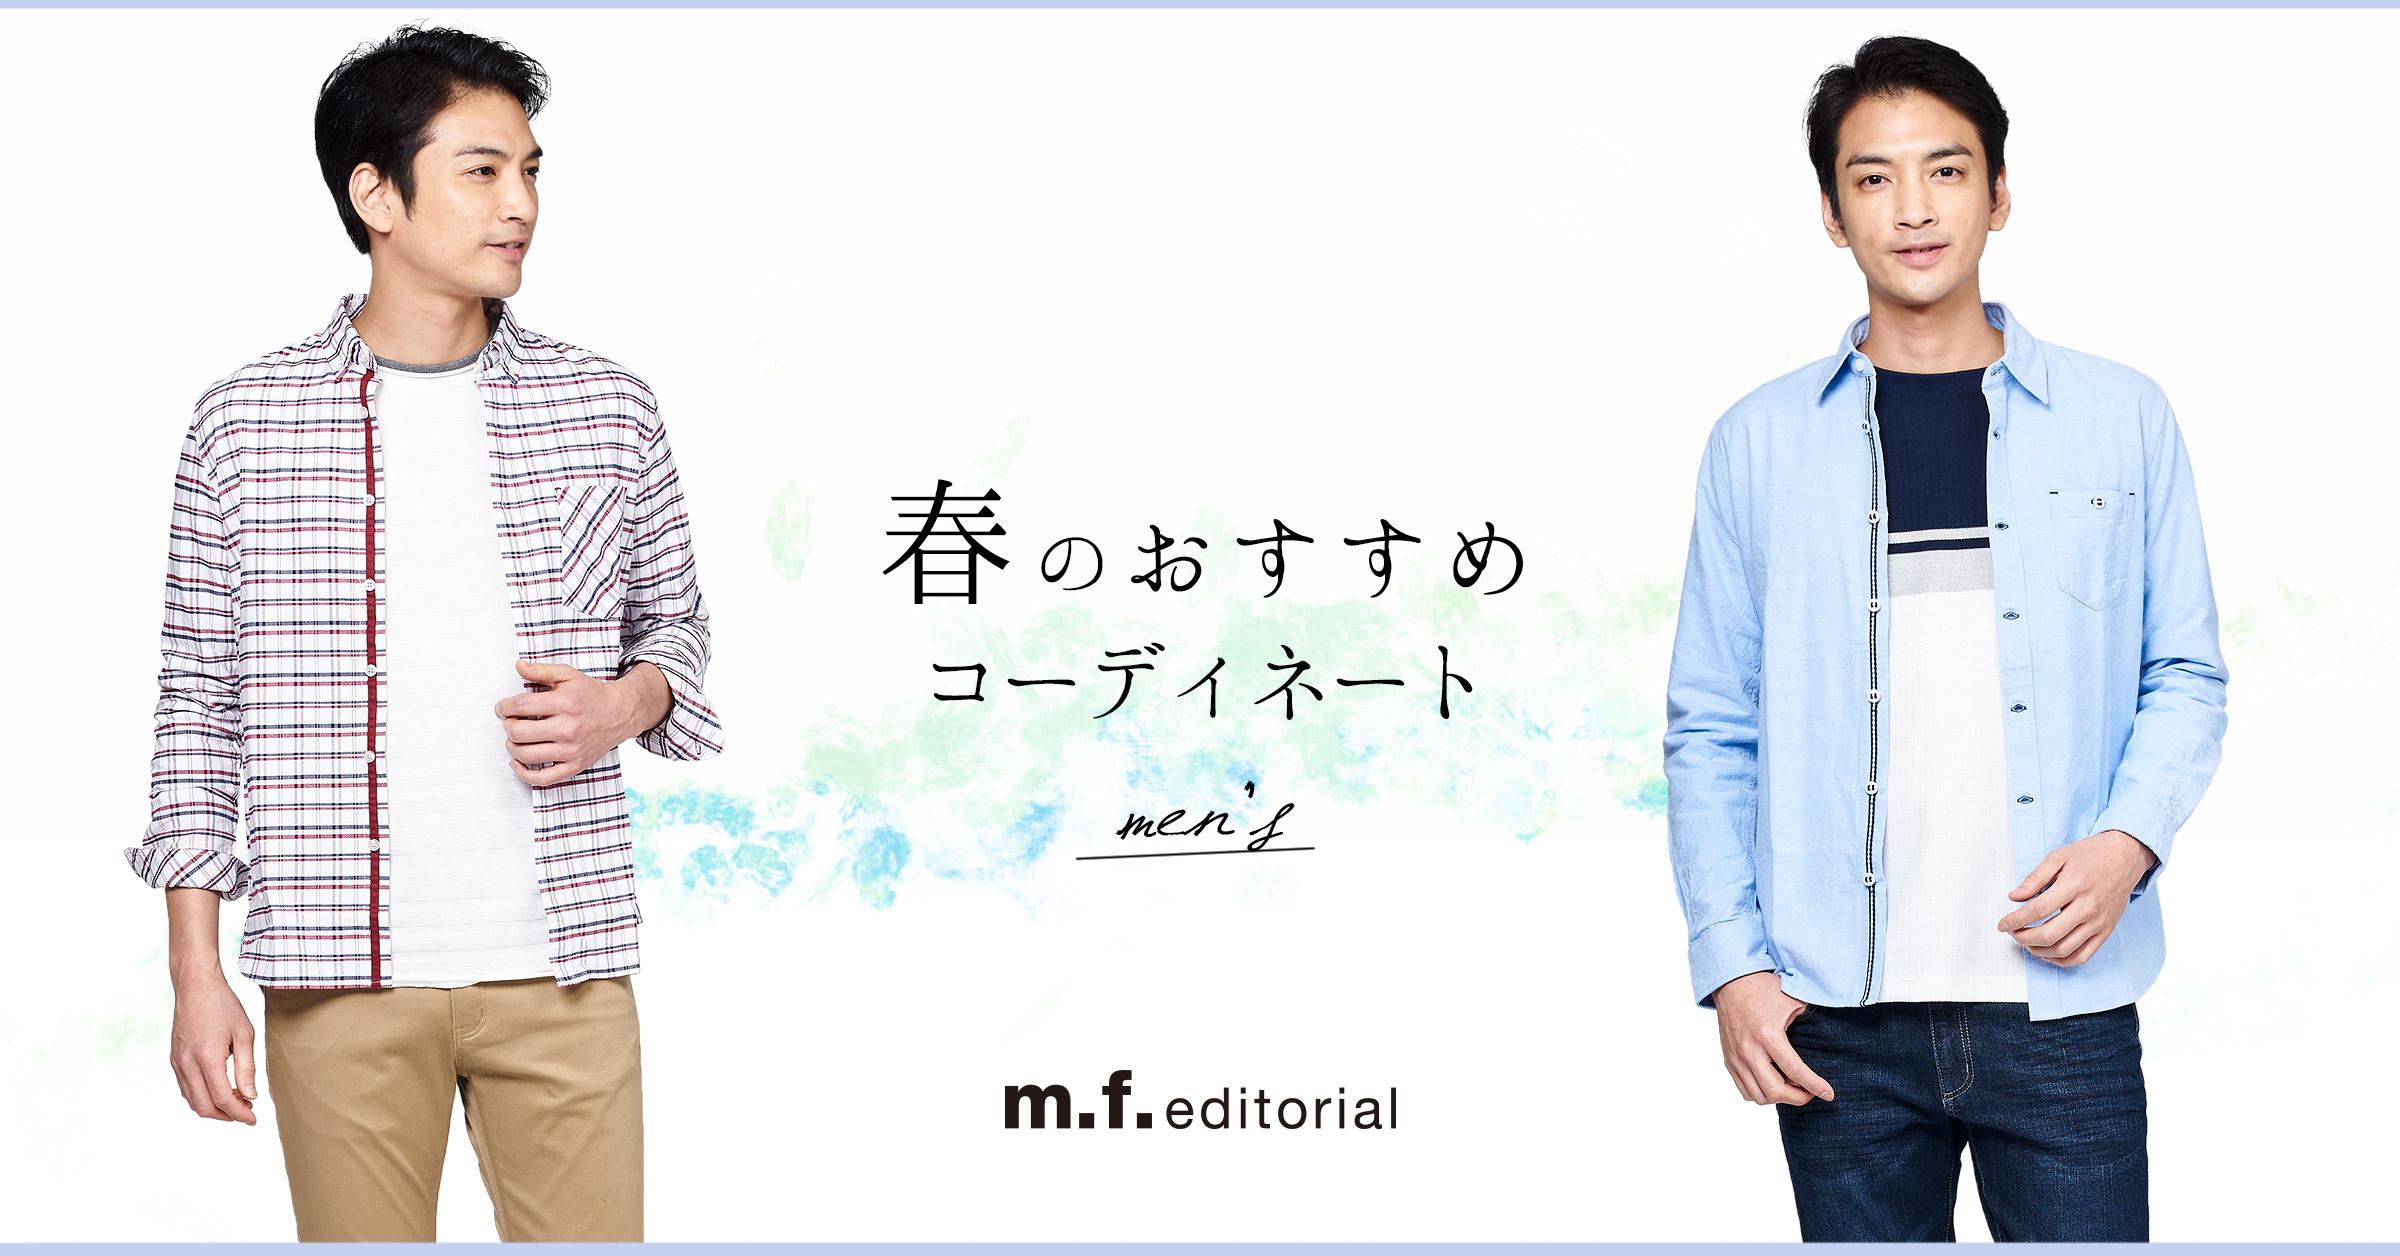 m.f.editorial 春のおすすめコーディネートfor MEN